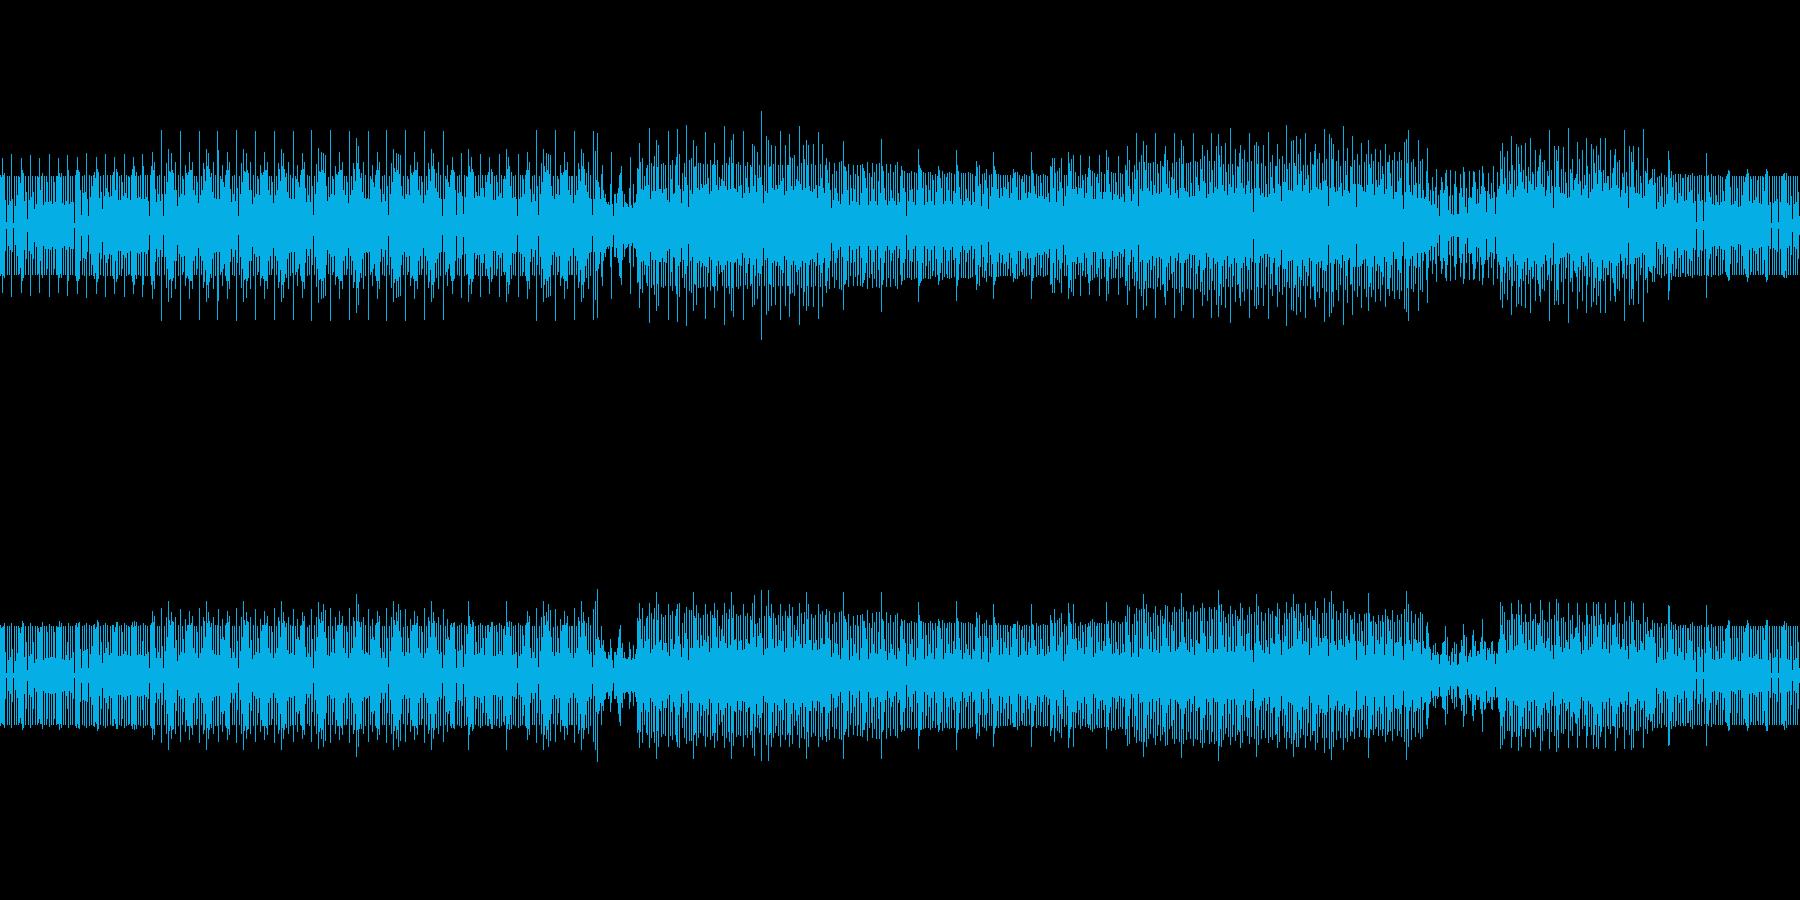 暗めなテクノの再生済みの波形